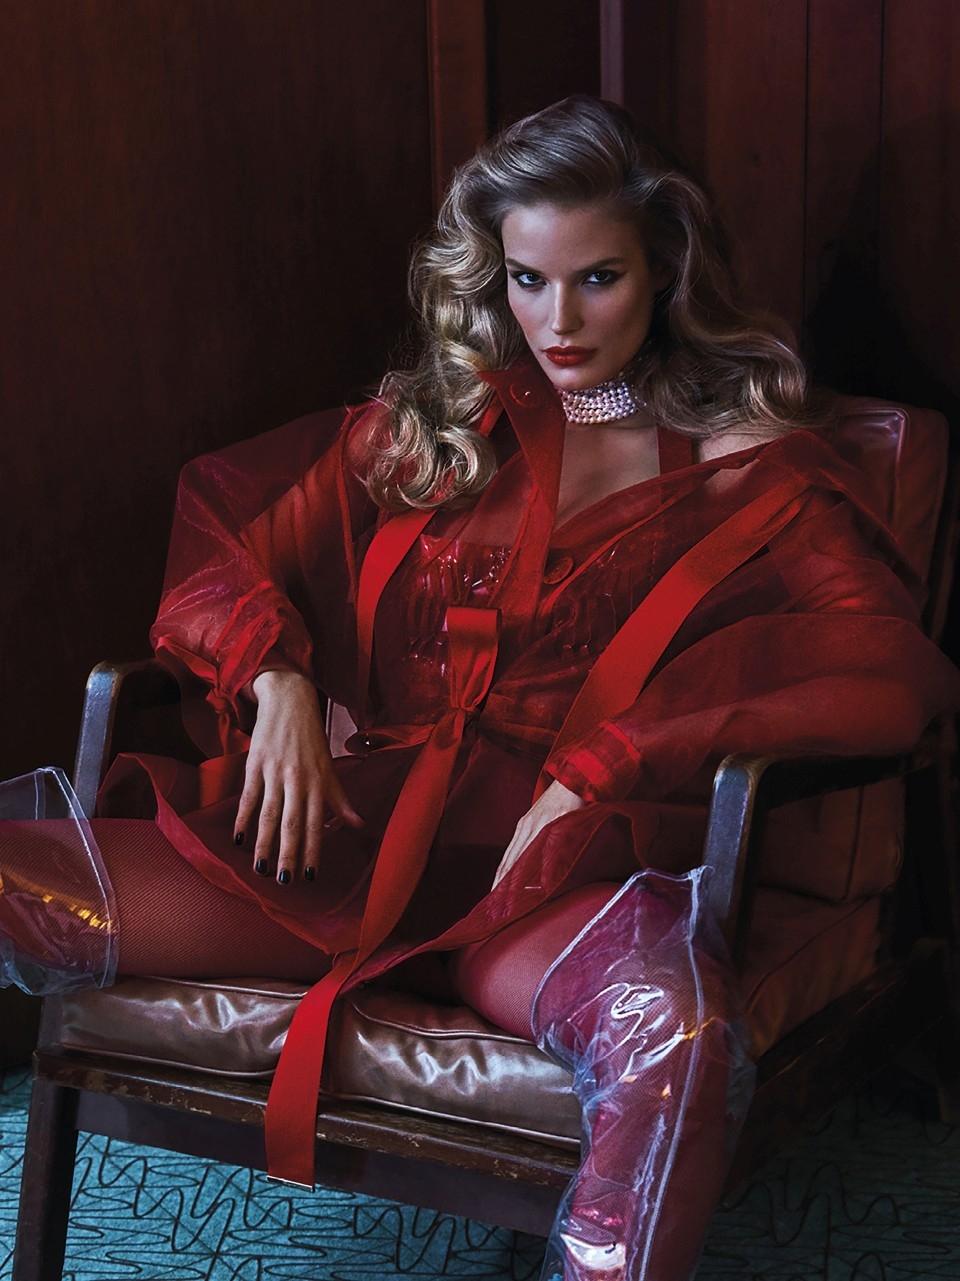 Alena Blohm Models Storm Models